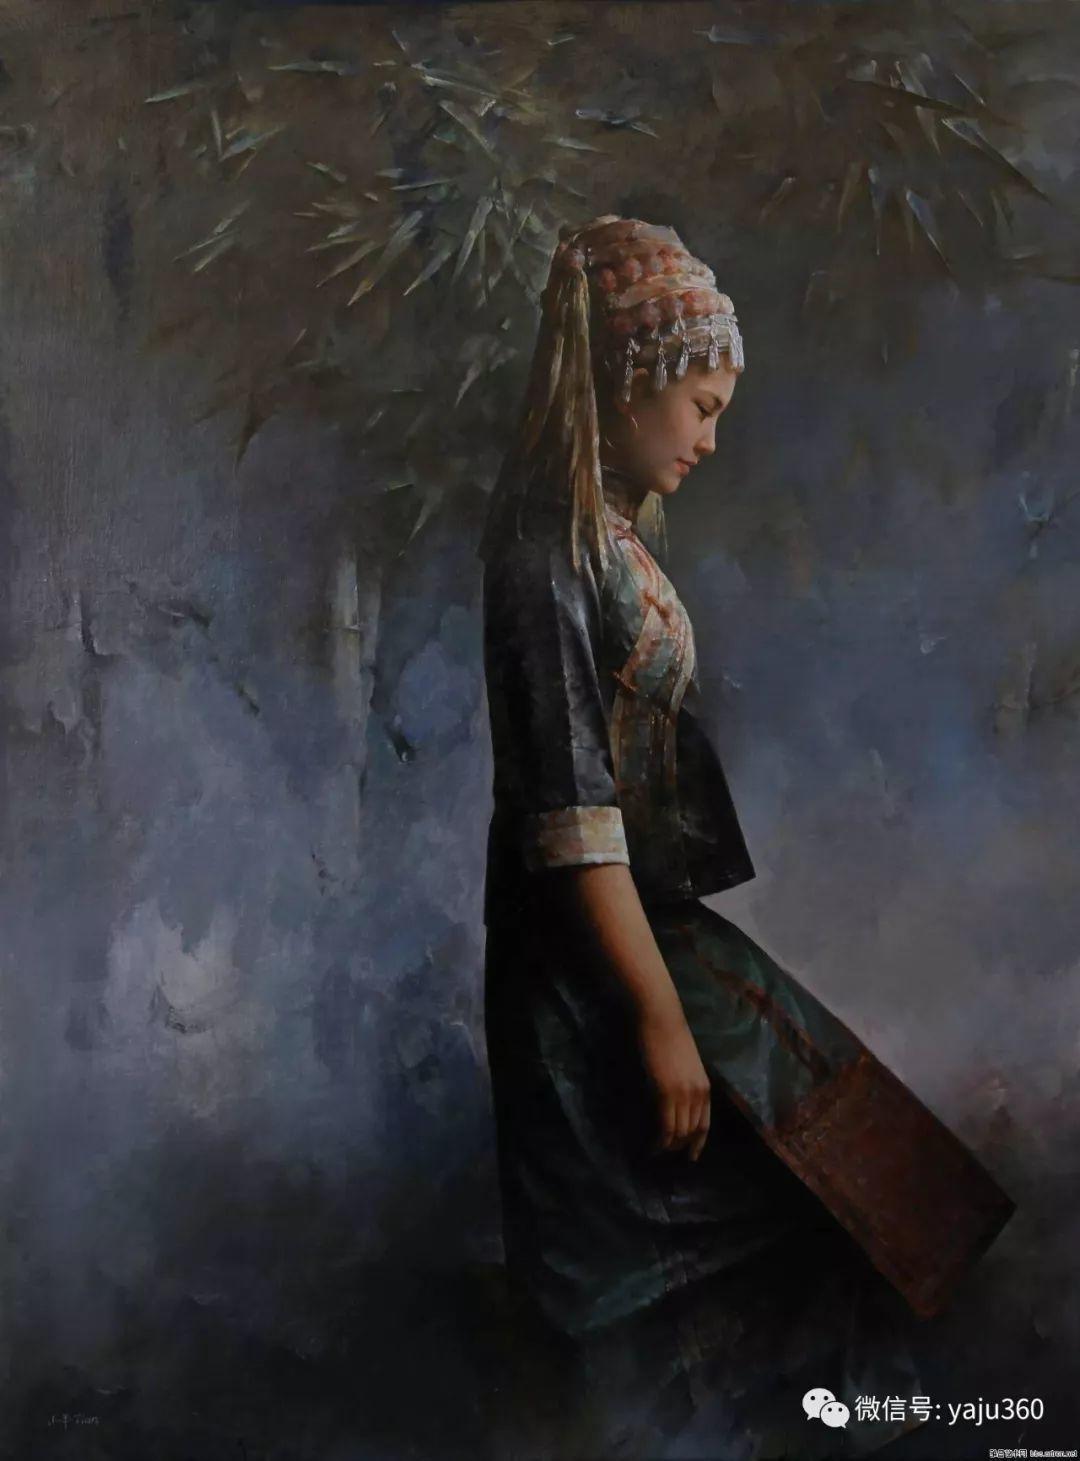 油画世界:田小平油画欣赏插图15